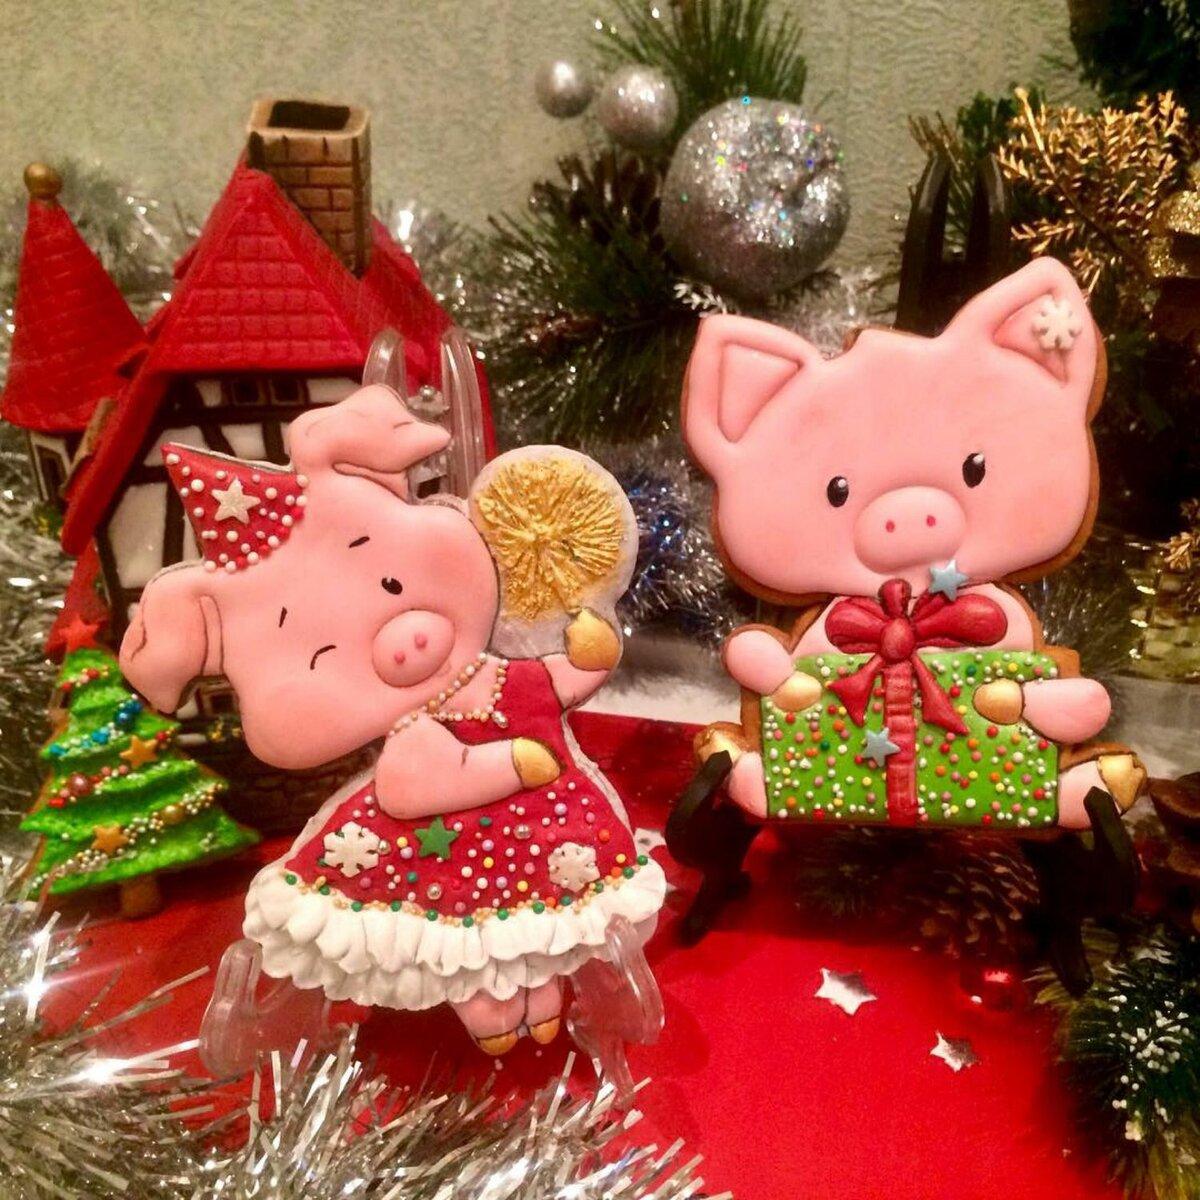 Фото новогодние открытки 2019 год свиньи